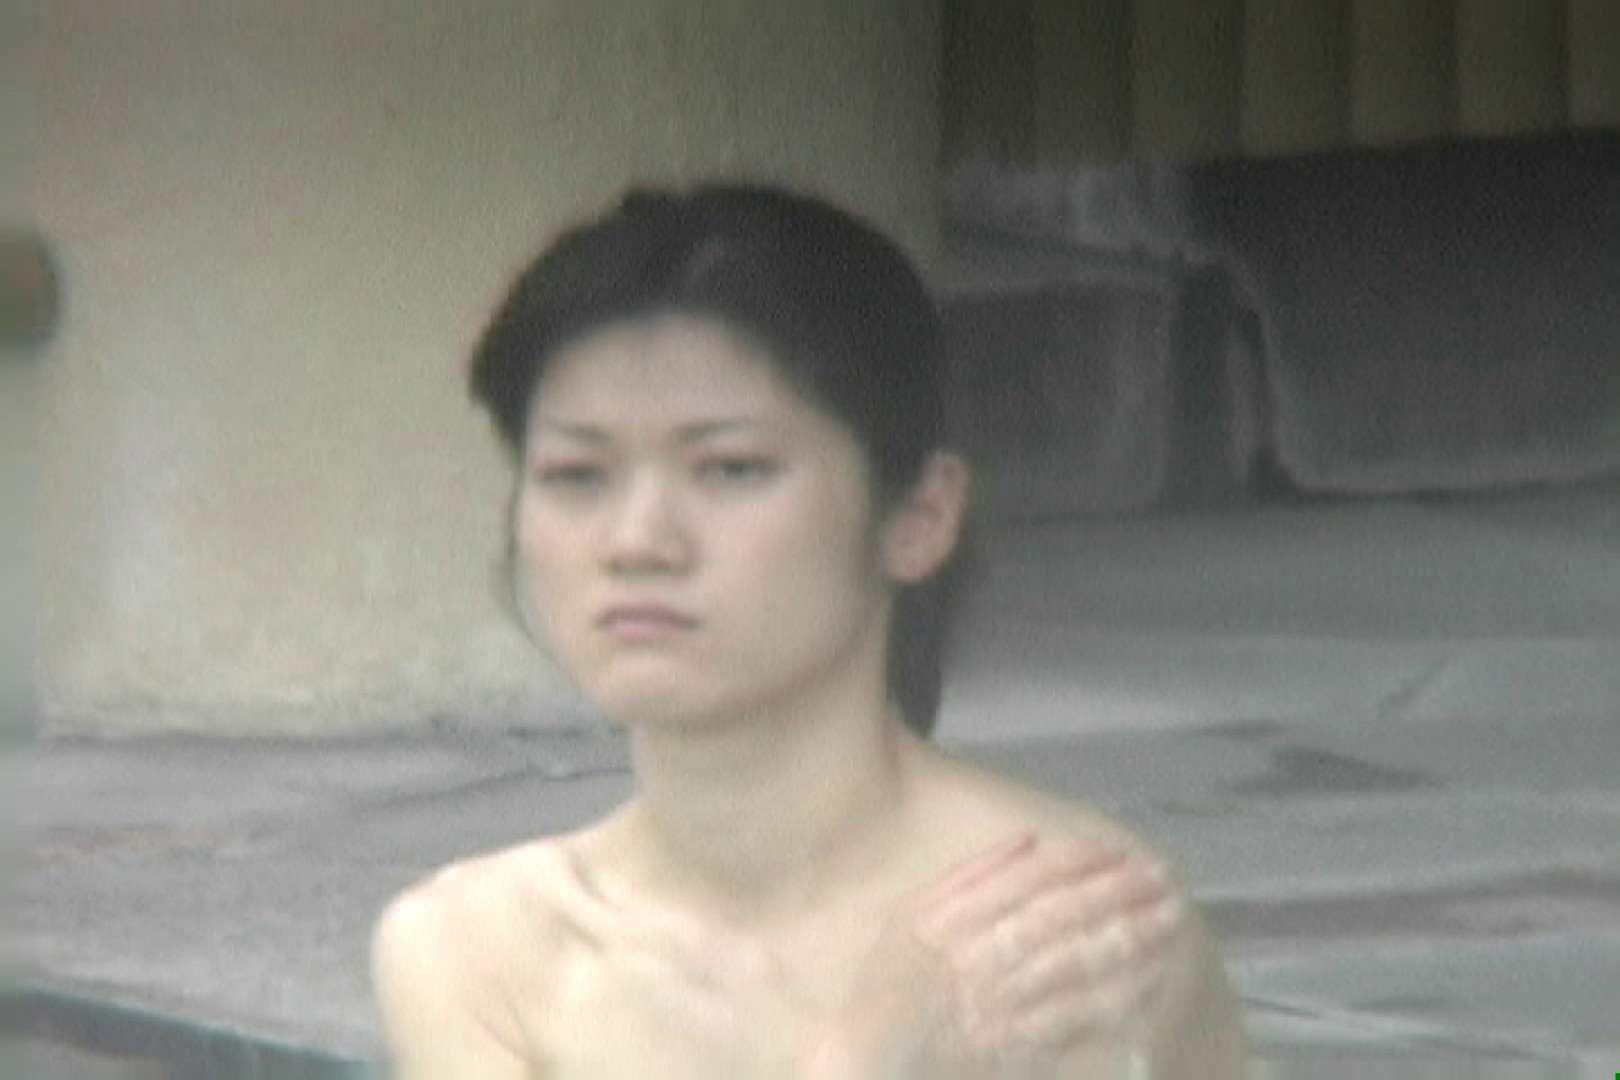 Aquaな露天風呂Vol.686 0  83pic 25